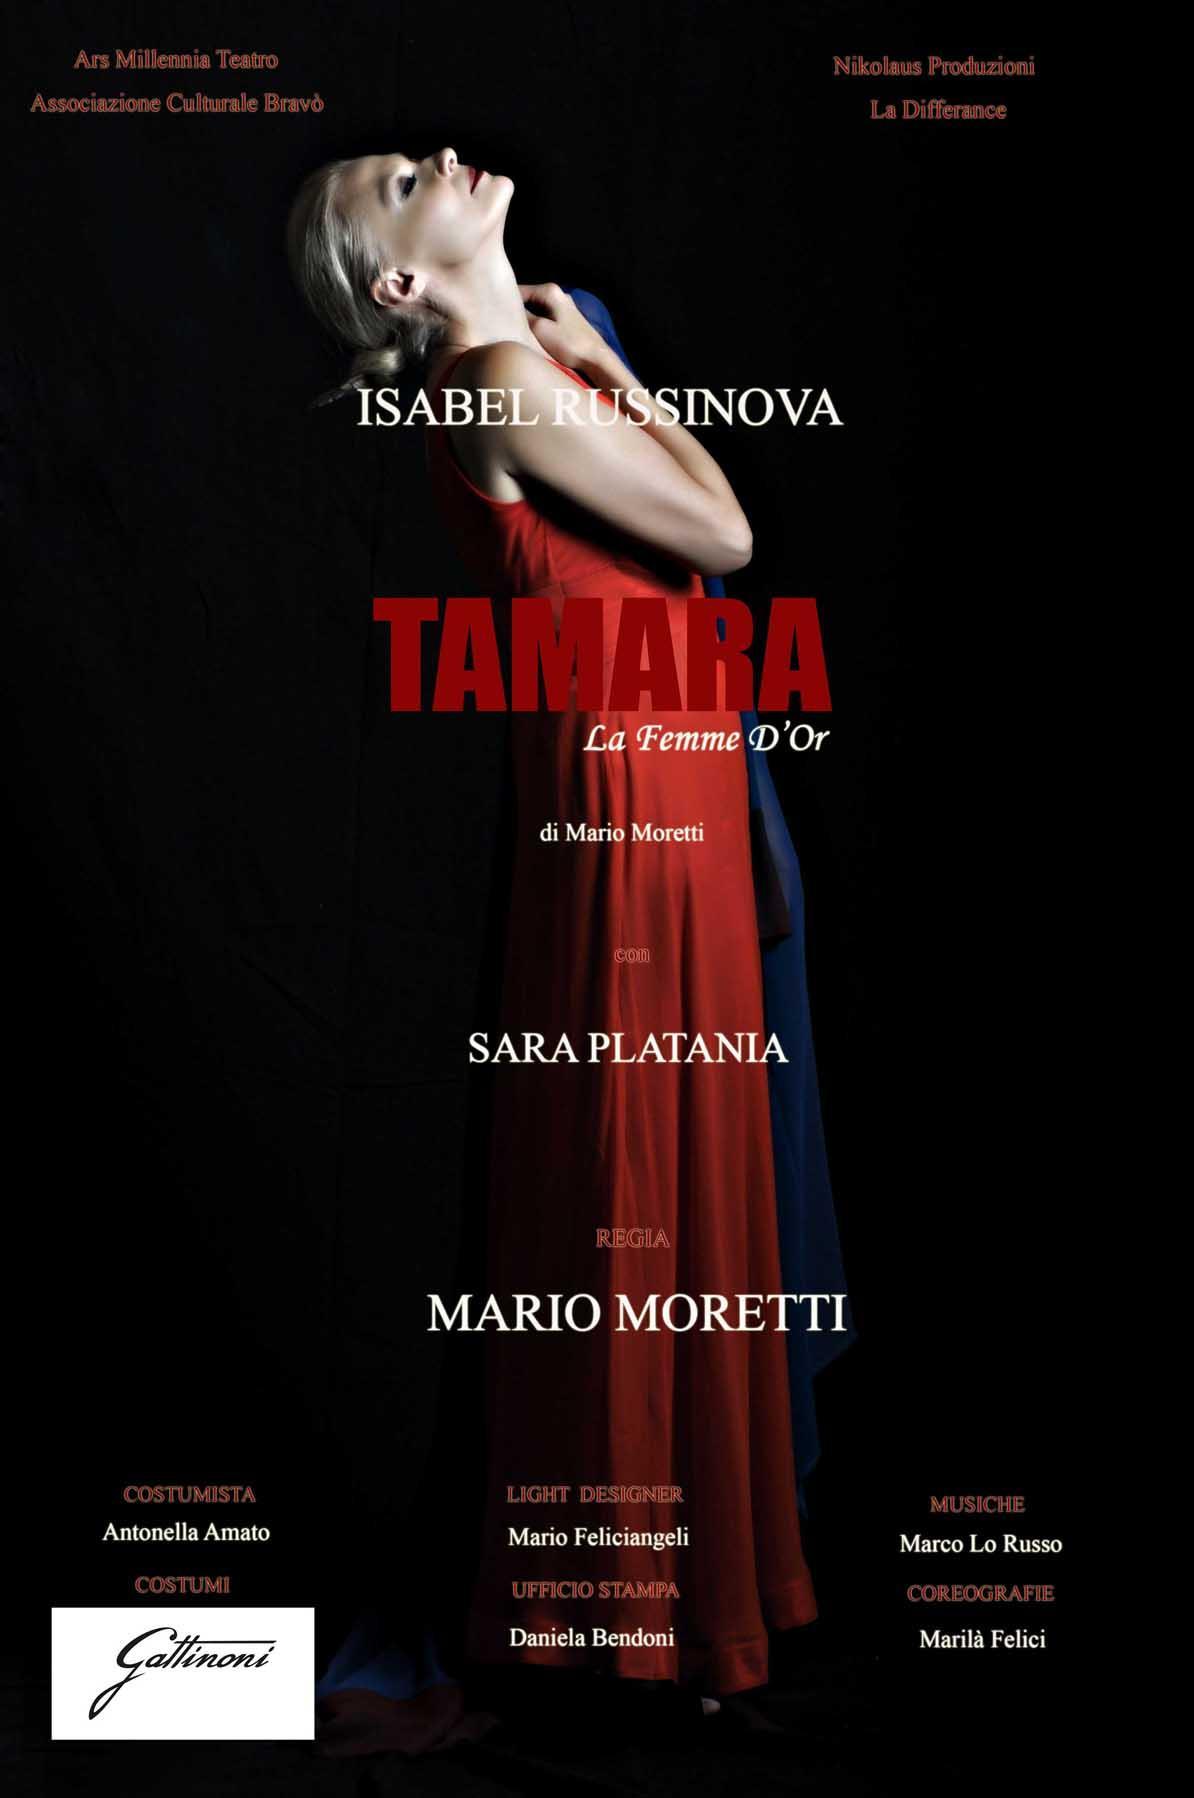 tamara_russinova